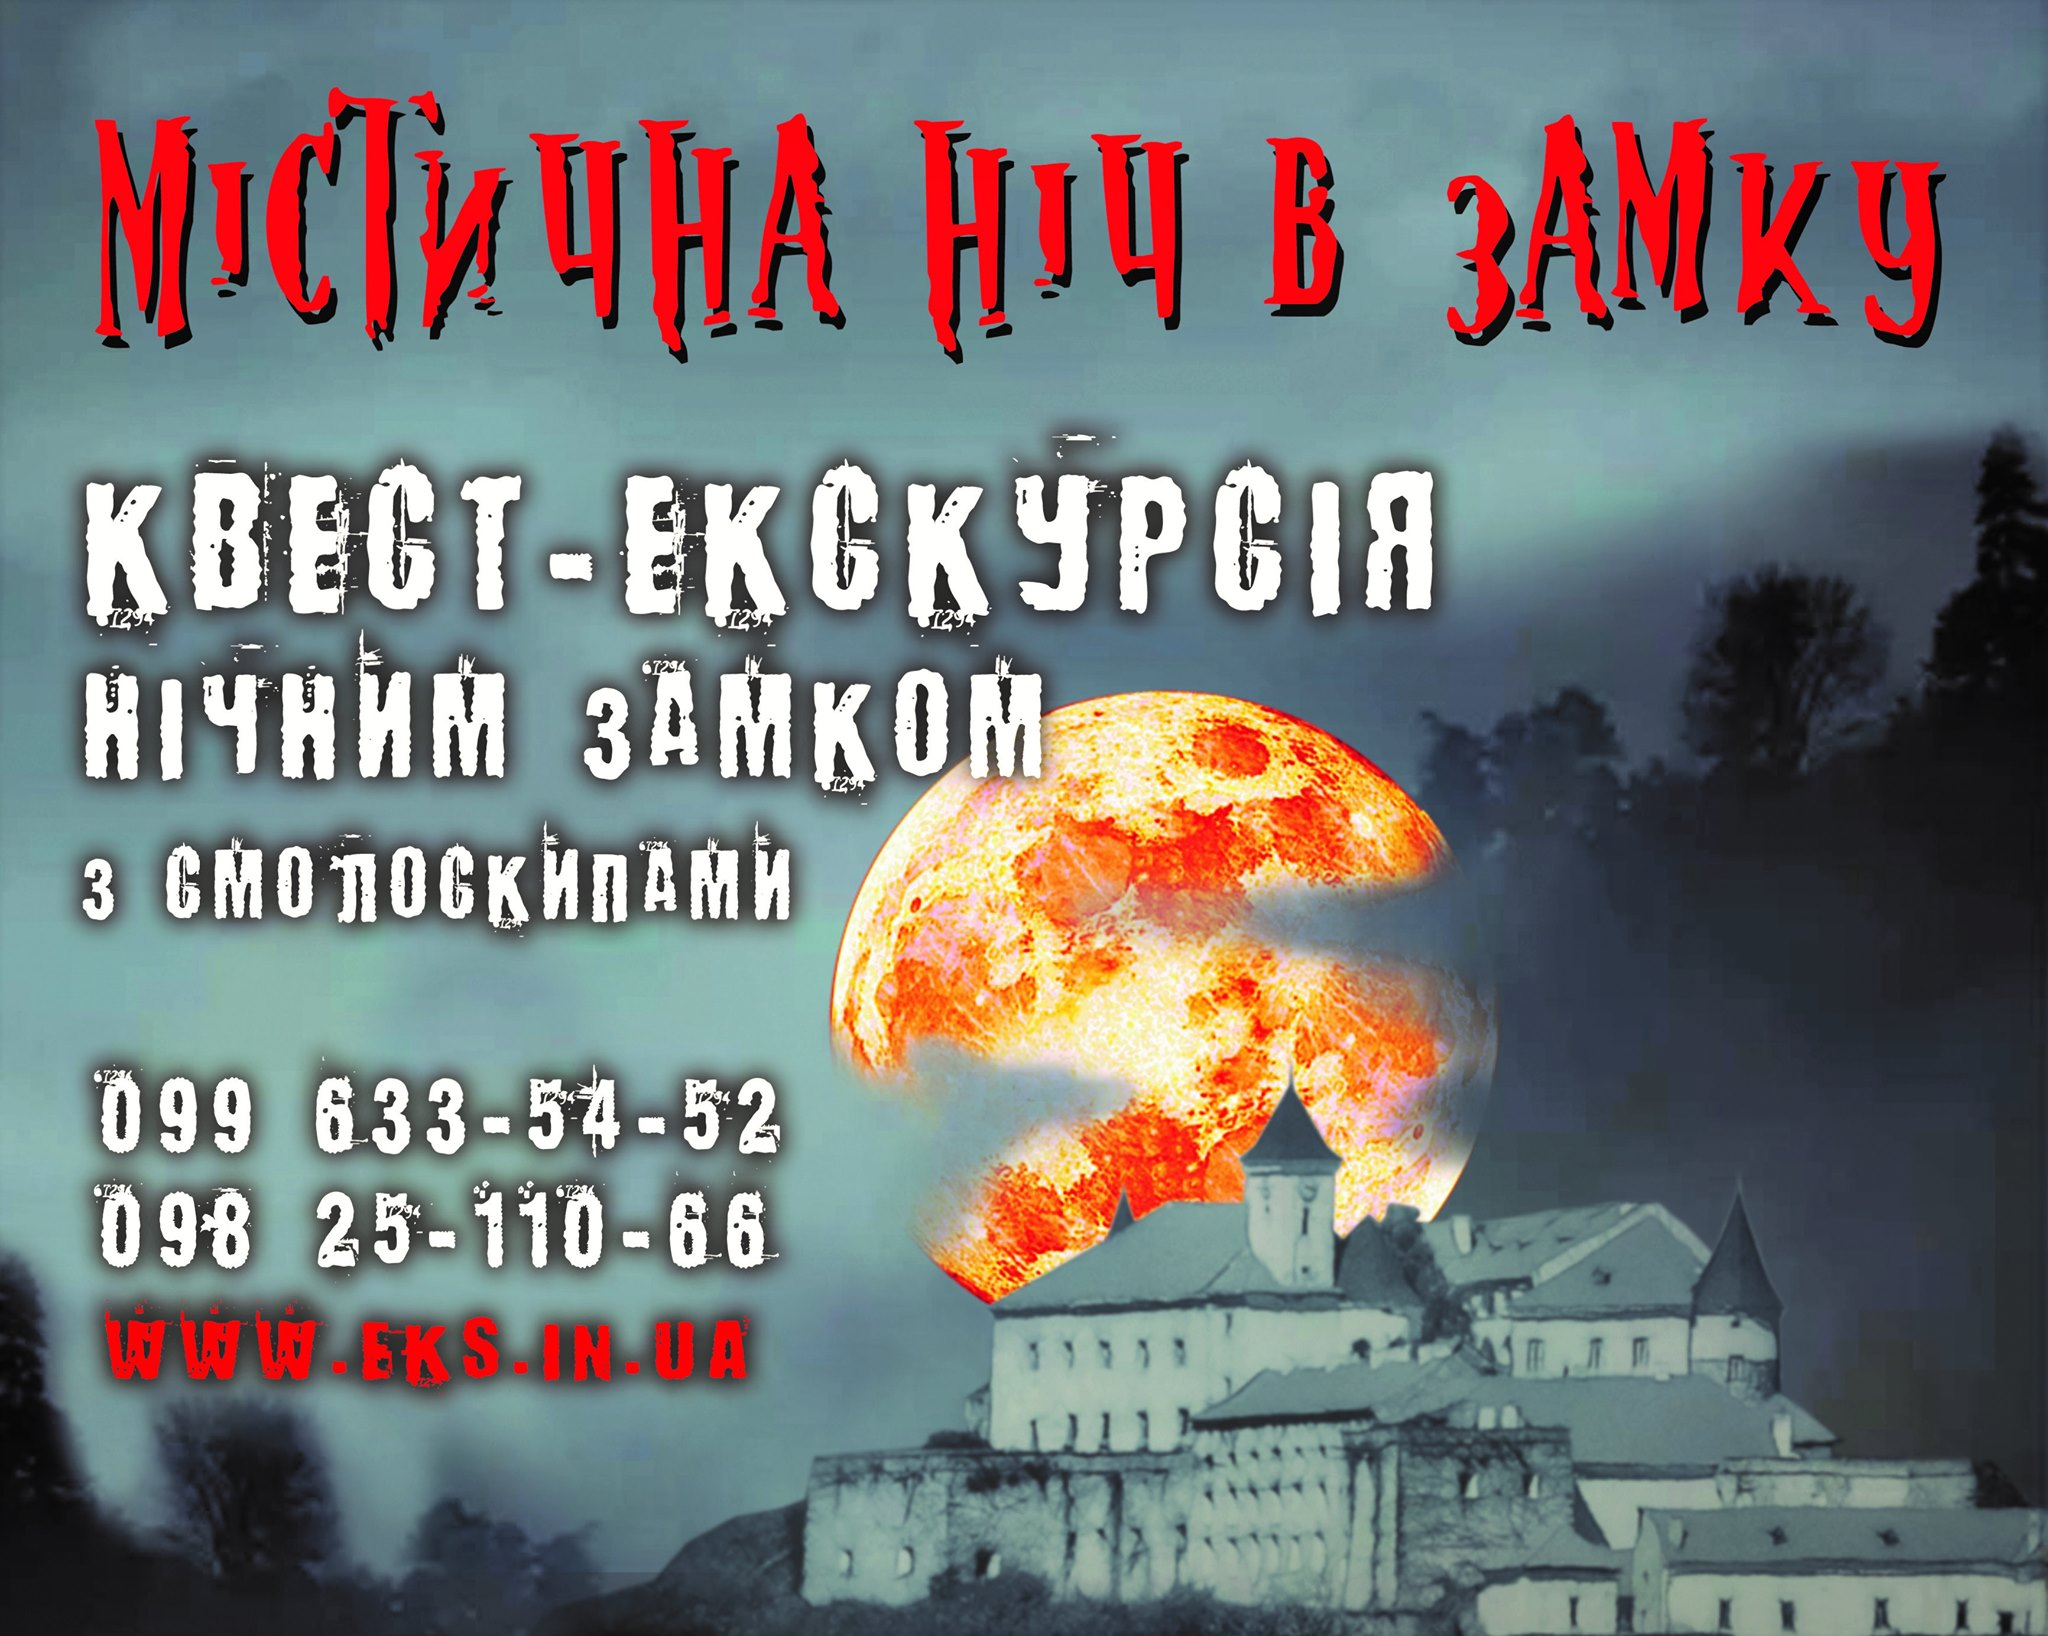 Мистическая ночь в замке — квест экскурсия в Мукачево